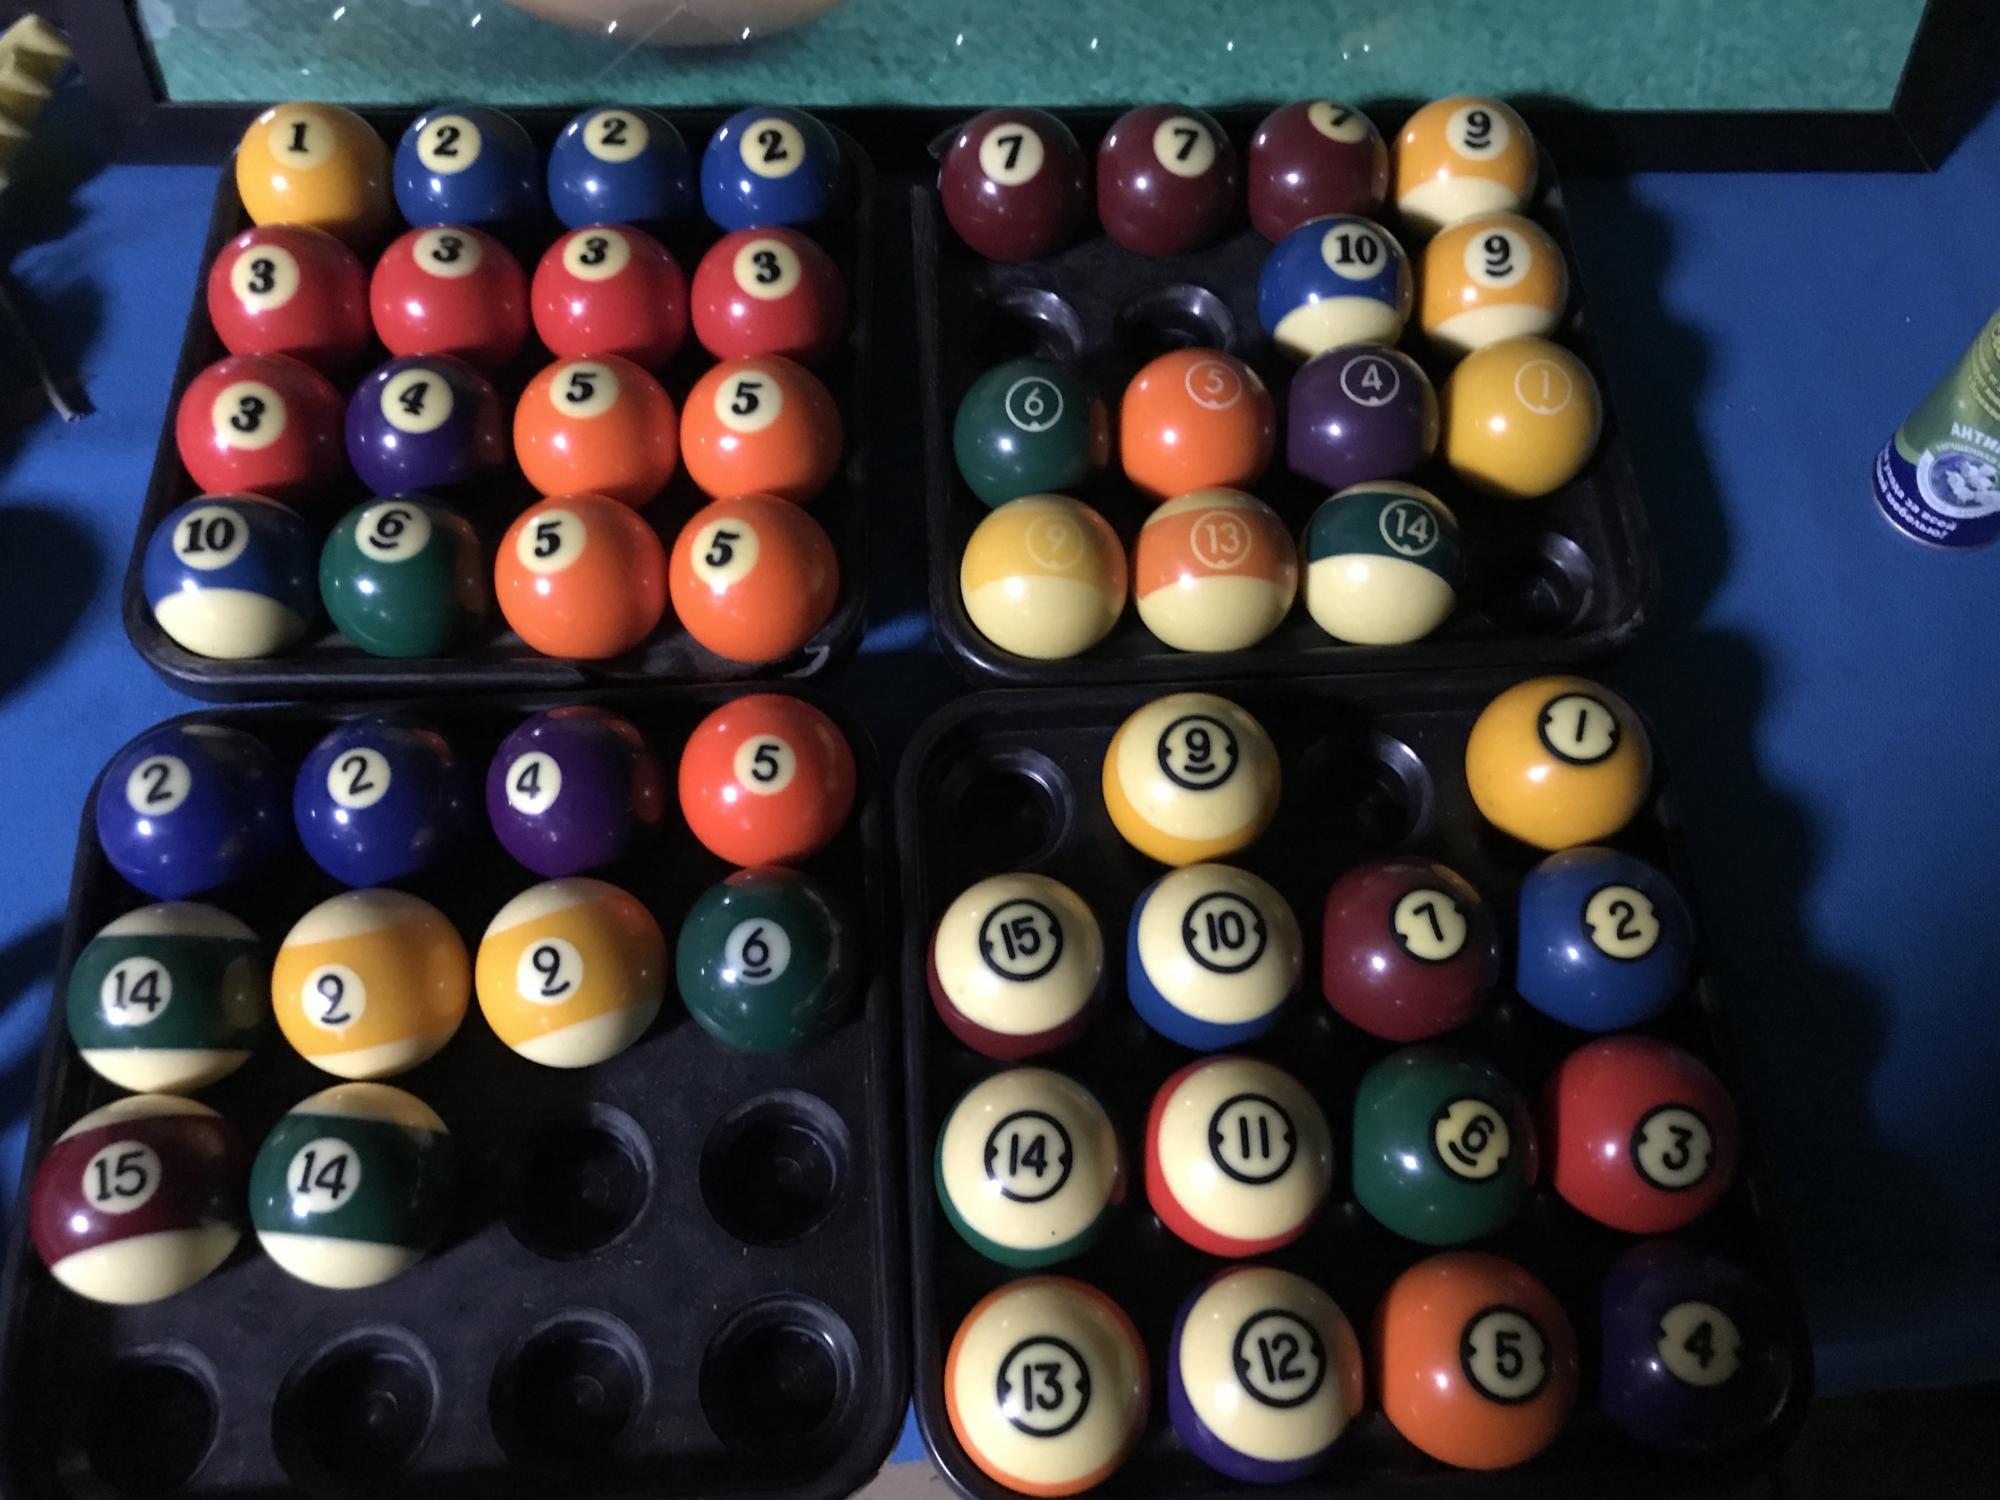 Бильярдные шары поштучно для пула в Москве 89161794597 купить 1